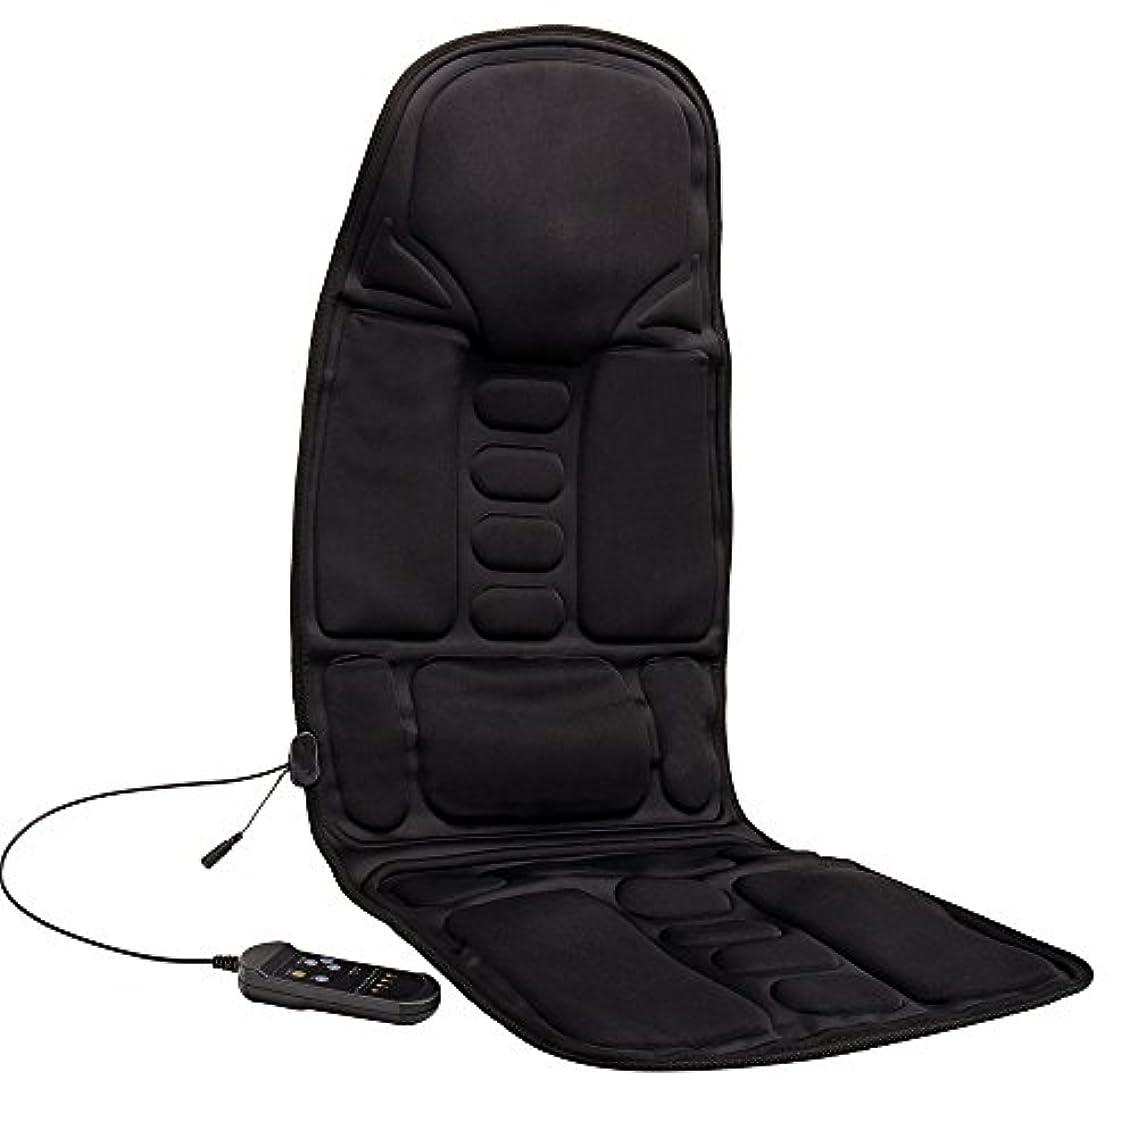 フォーマット拡散する聖域Kindness マッサージシート ヒーター搭載 高品質PUレザー製 どこでもマッサージャー オフィス 旅行 ホーム 車シート ギフト ブラック